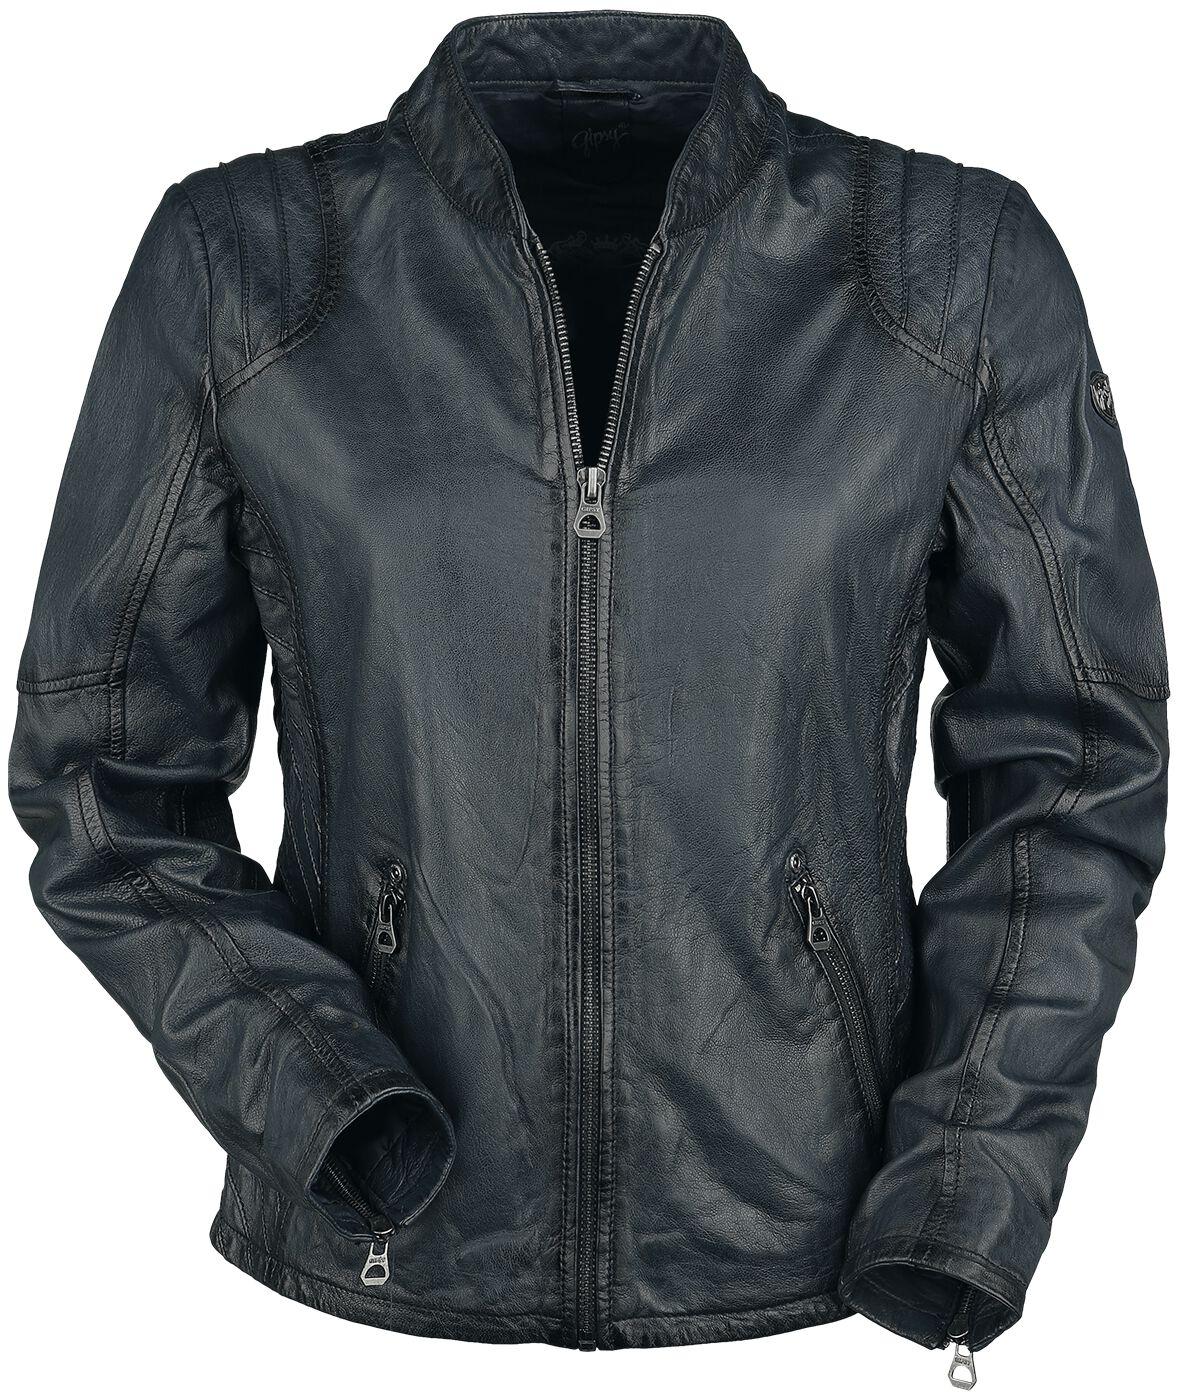 Jacken für Frauen - Gipsy Sashi W18 LVV Lederjacke navy  - Onlineshop EMP